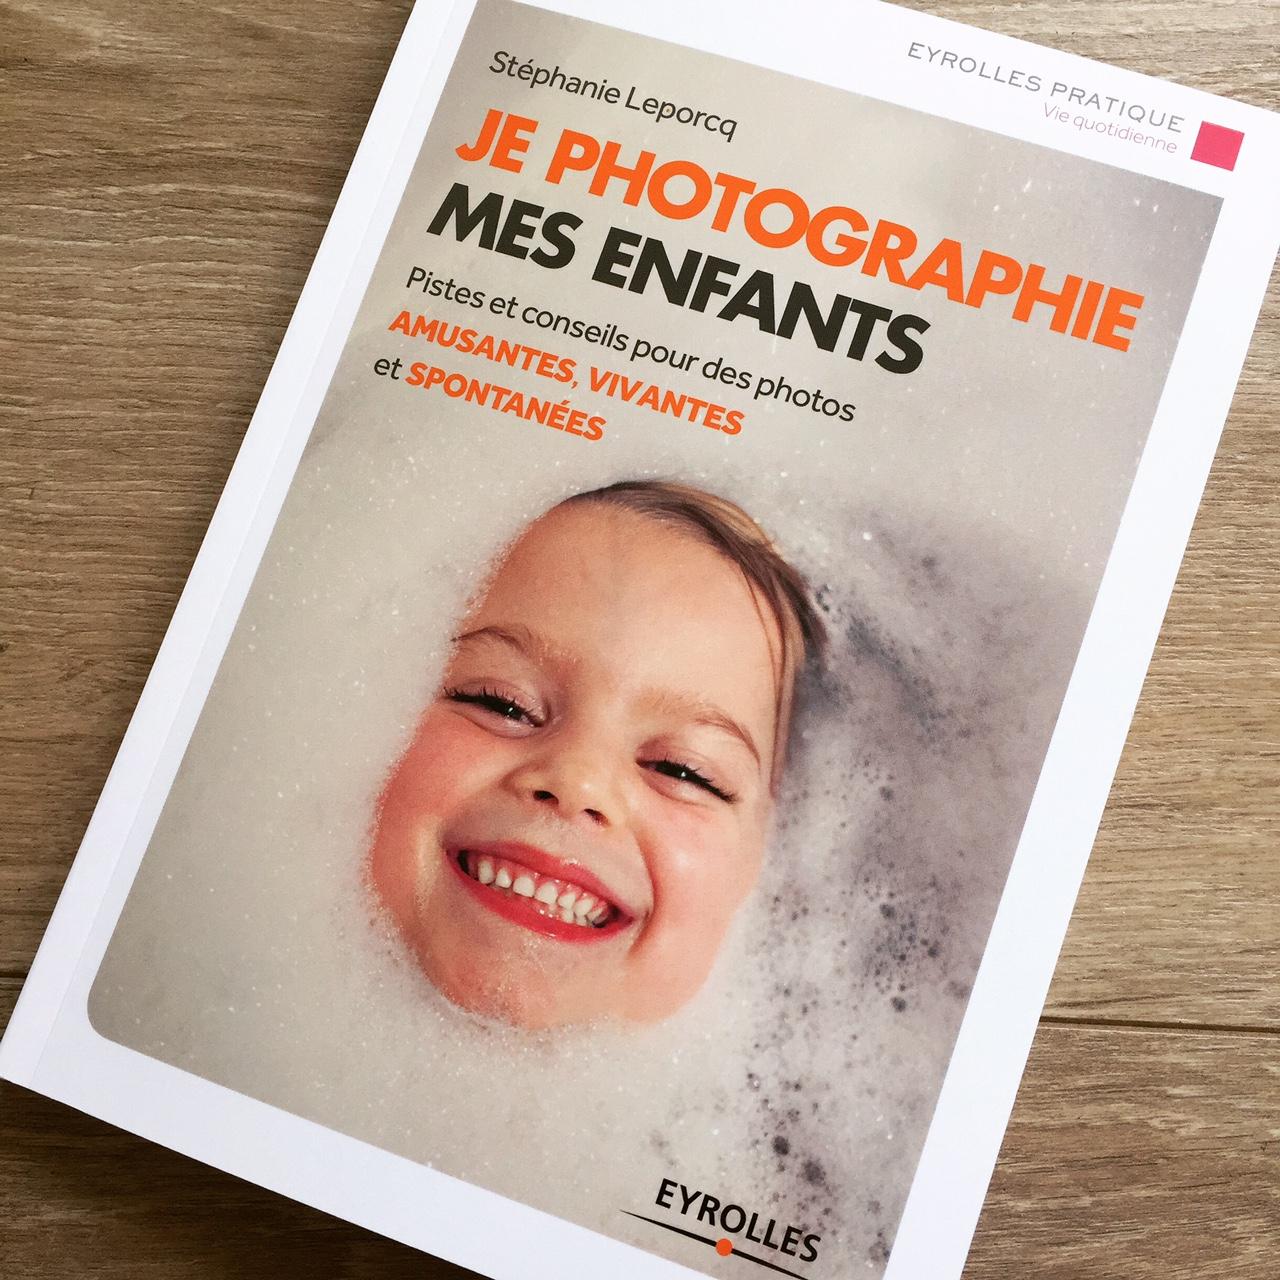 Je photographie mes enfants_stéphanie leporcq_eyrolles (1)